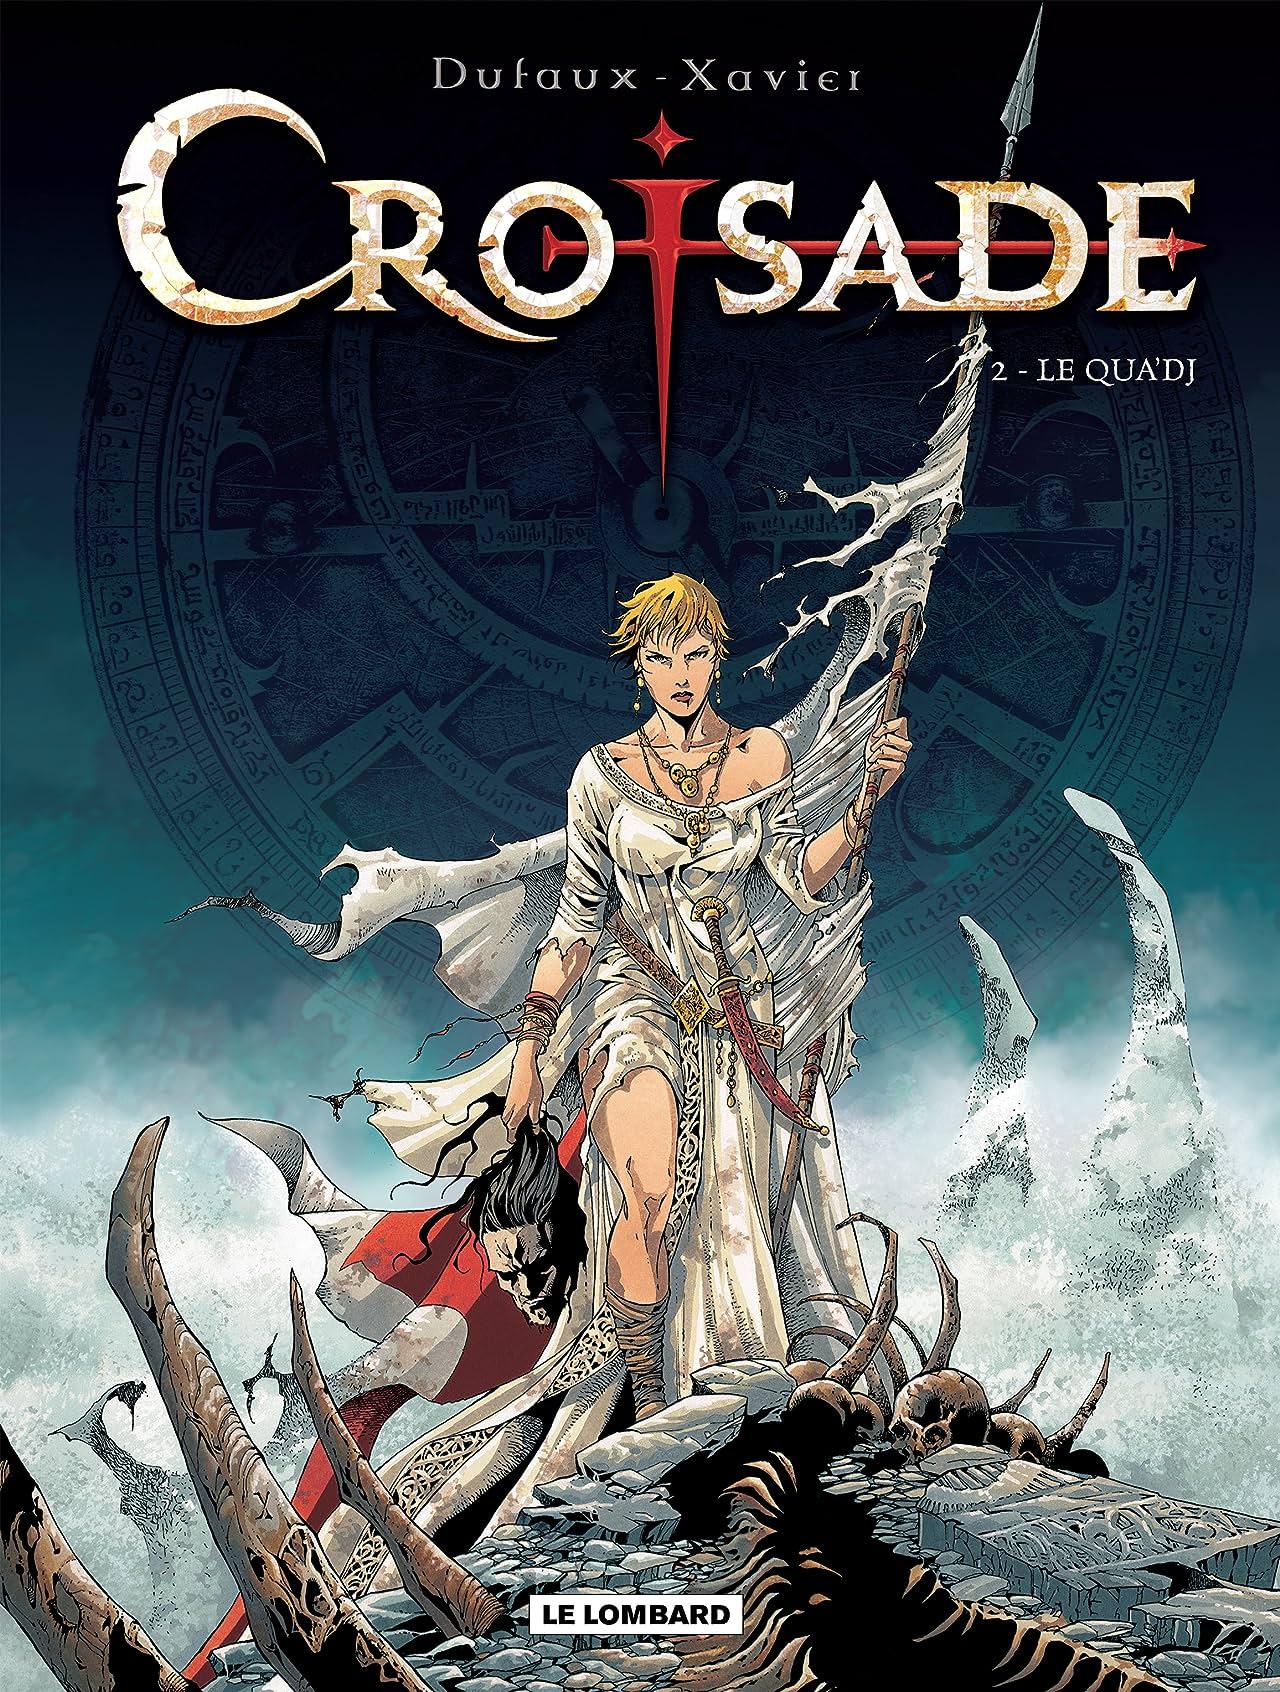 Croisade Vol. 2: Le Qua'dj